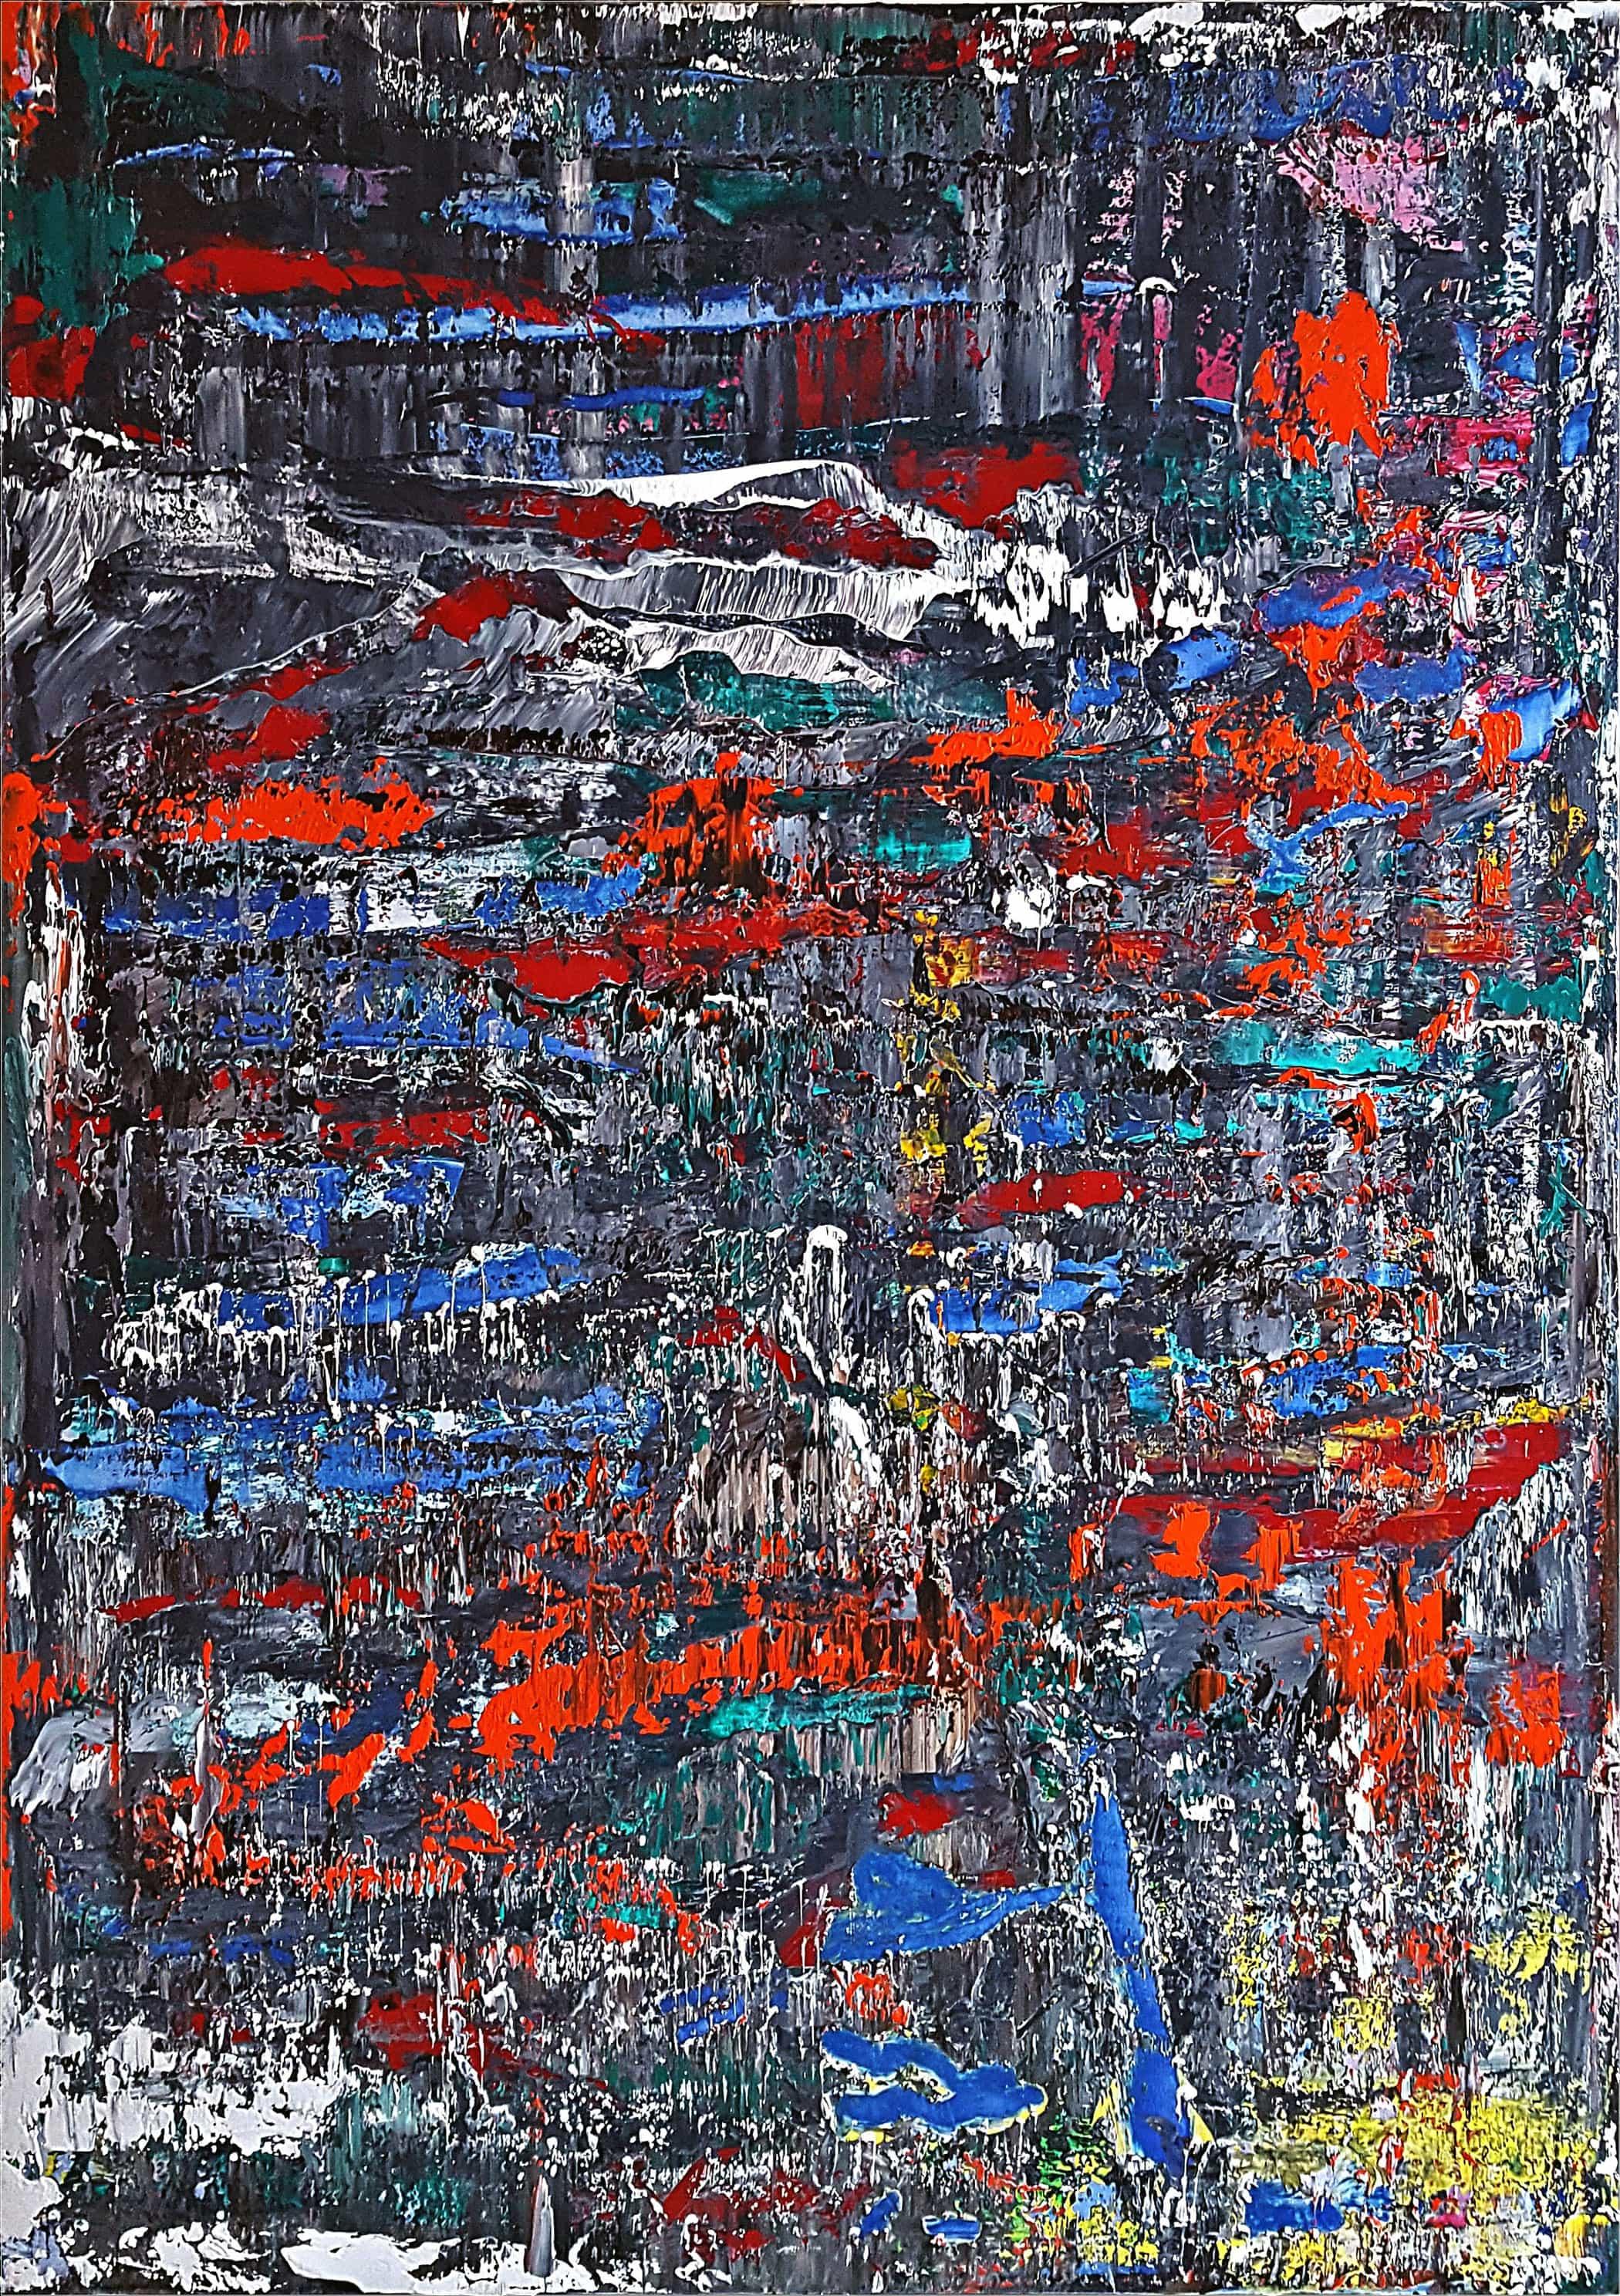 434 - The 4 Blackboard of Art - Tafel 4